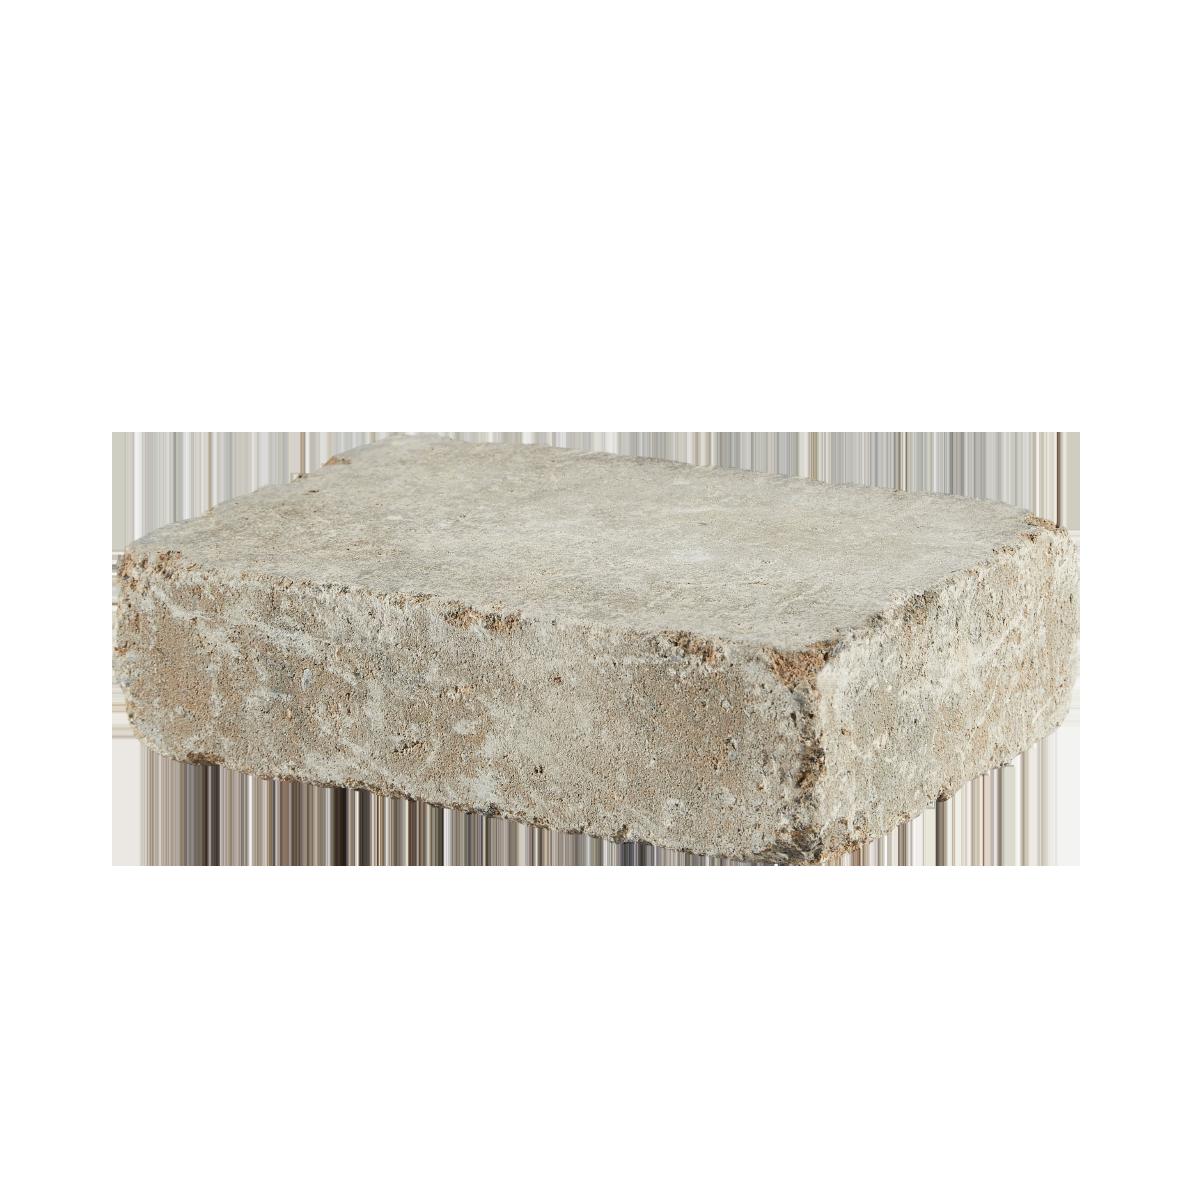 Holmegaardsten® 14x21x5 cm Gyldenmix Normalsten